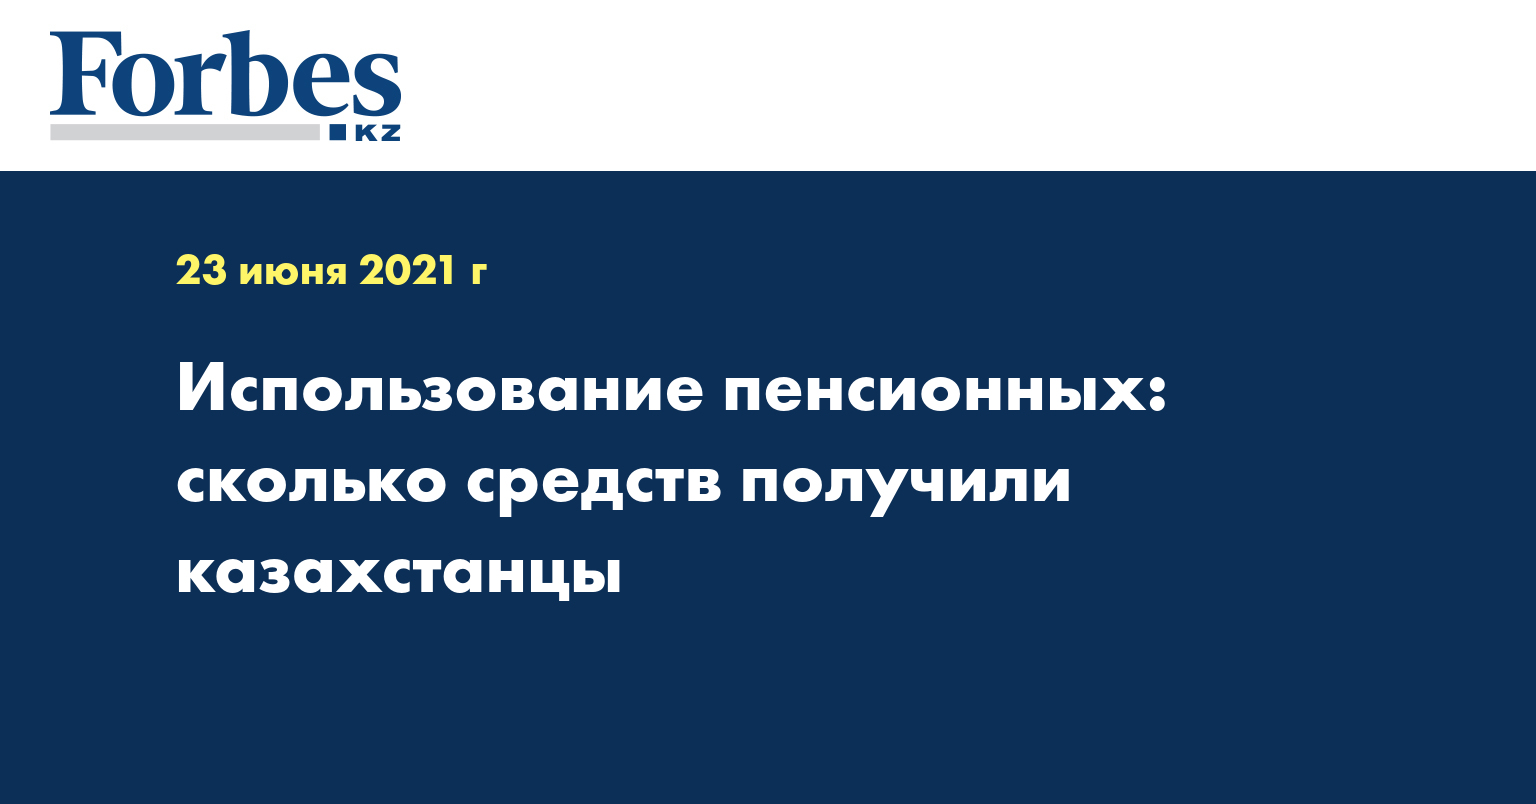 Использование пенсионных: сколько средств получили казахстанцы